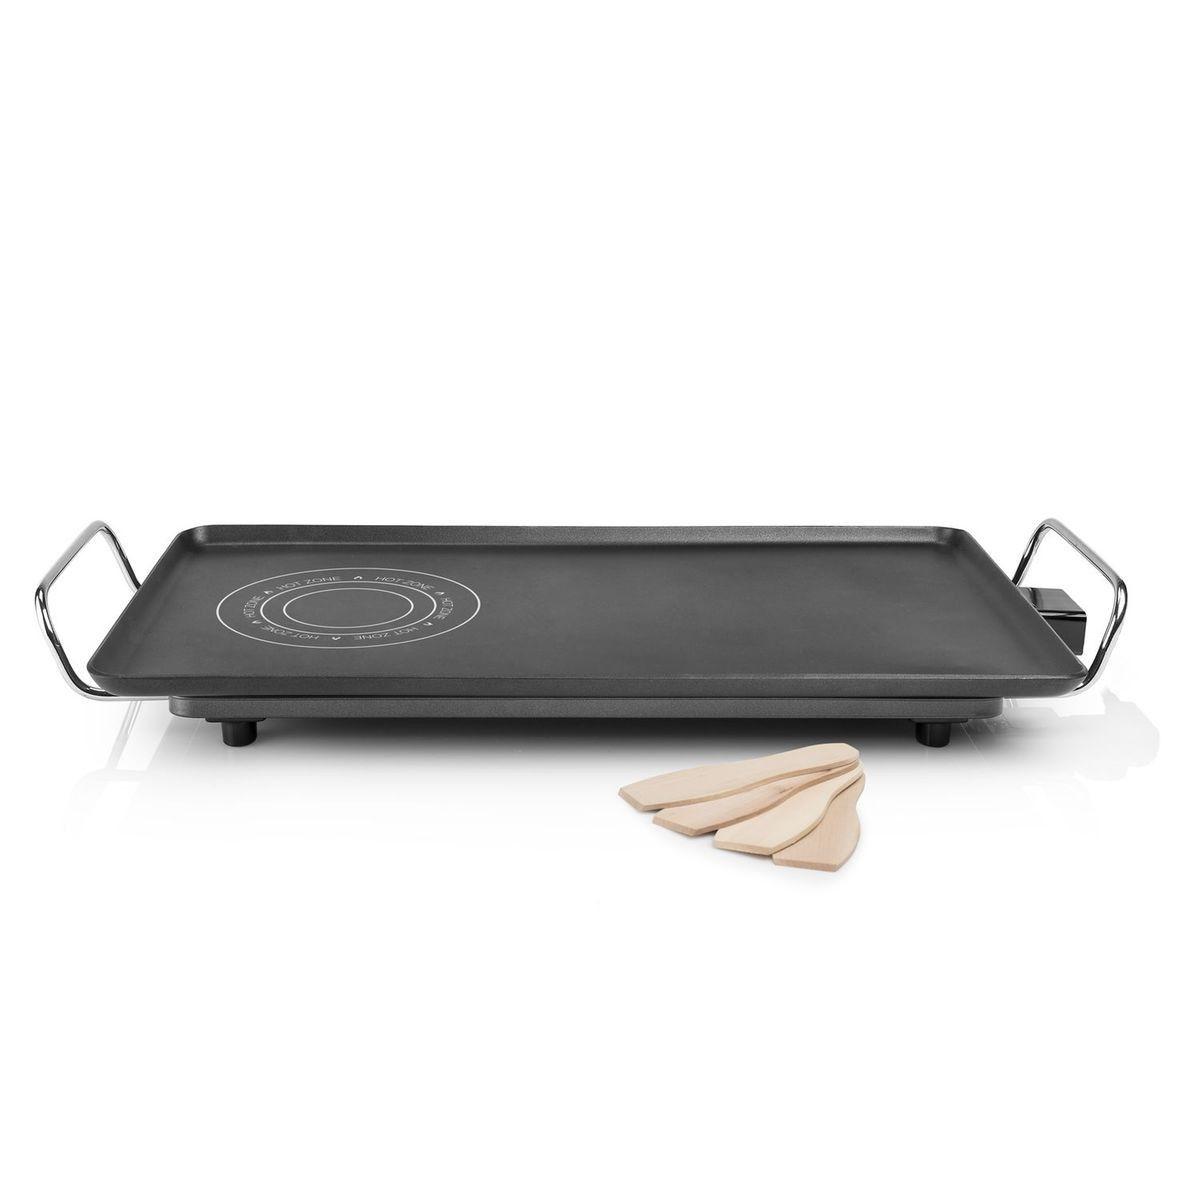 Plancha Electrique En Fonte D Aluminium Hot Zone Xxl Thermostat Reglable 60 X 36 Cm Taille Tu Plancher Fonte Et Plaque De Cuisson